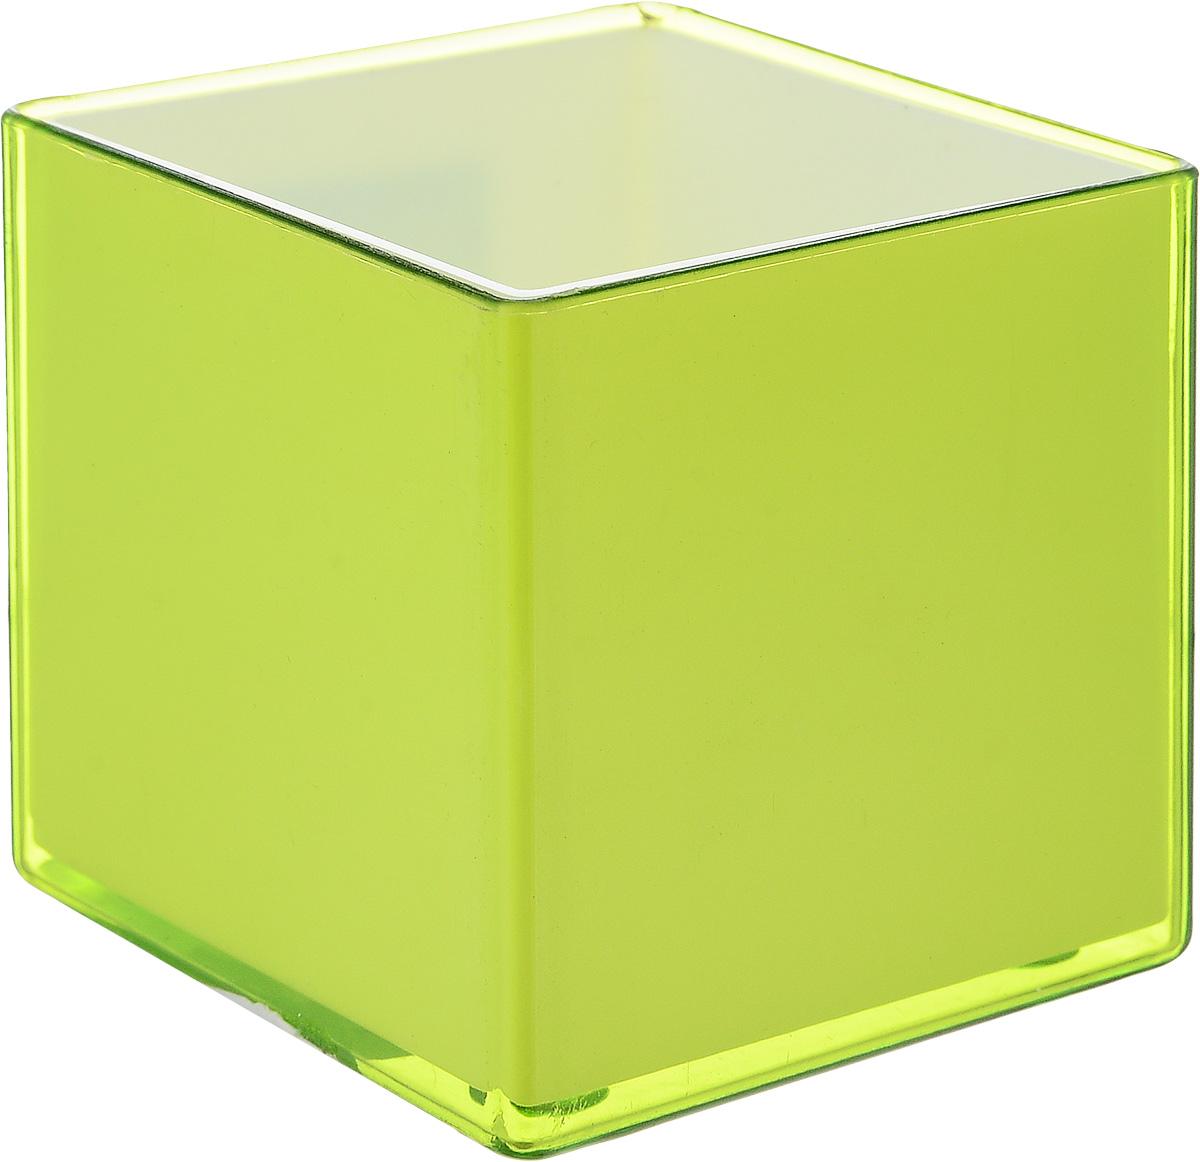 Кашпо JetPlast Мини куб, на магните, цвет: зеленый, 6 x 6 x 6 см4612754050482Кашпо JetPlast Мини куб предназначено для украшения любого интерьера. Благодаря магнитной ленте, входящей в комплект, вы можете разместить его не только на подоконнике, столе или иной поверхности, а также на холодильнике и любой другой металлической поверхности, дополняя привычные вещи новыми дизайнерскими решениями. Кашпо можно использовать не только под цветы, но и как подставку для ручек, карандашей и прочих канцелярских мелочей. Размеры кашпо: 6 х 6 х 6 см.